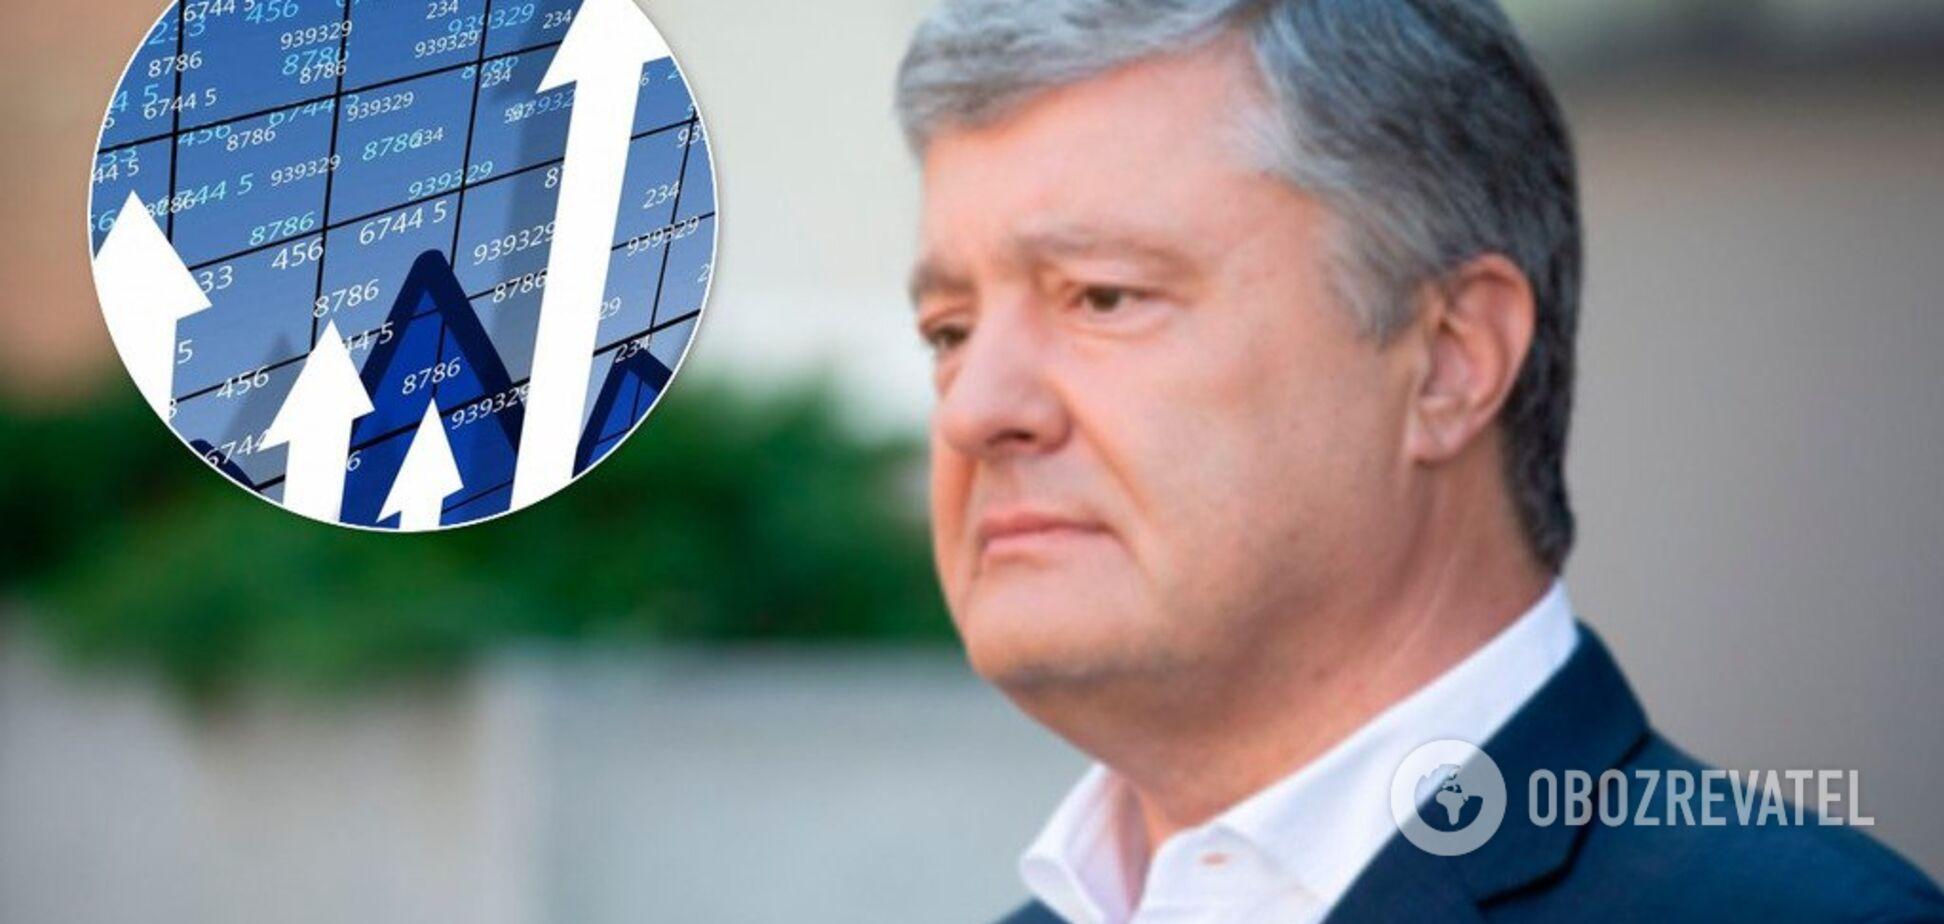 Рейтинг Порошенко и 'ЕС' существенно вырос во Львове: Зеленский и Садовый отстают